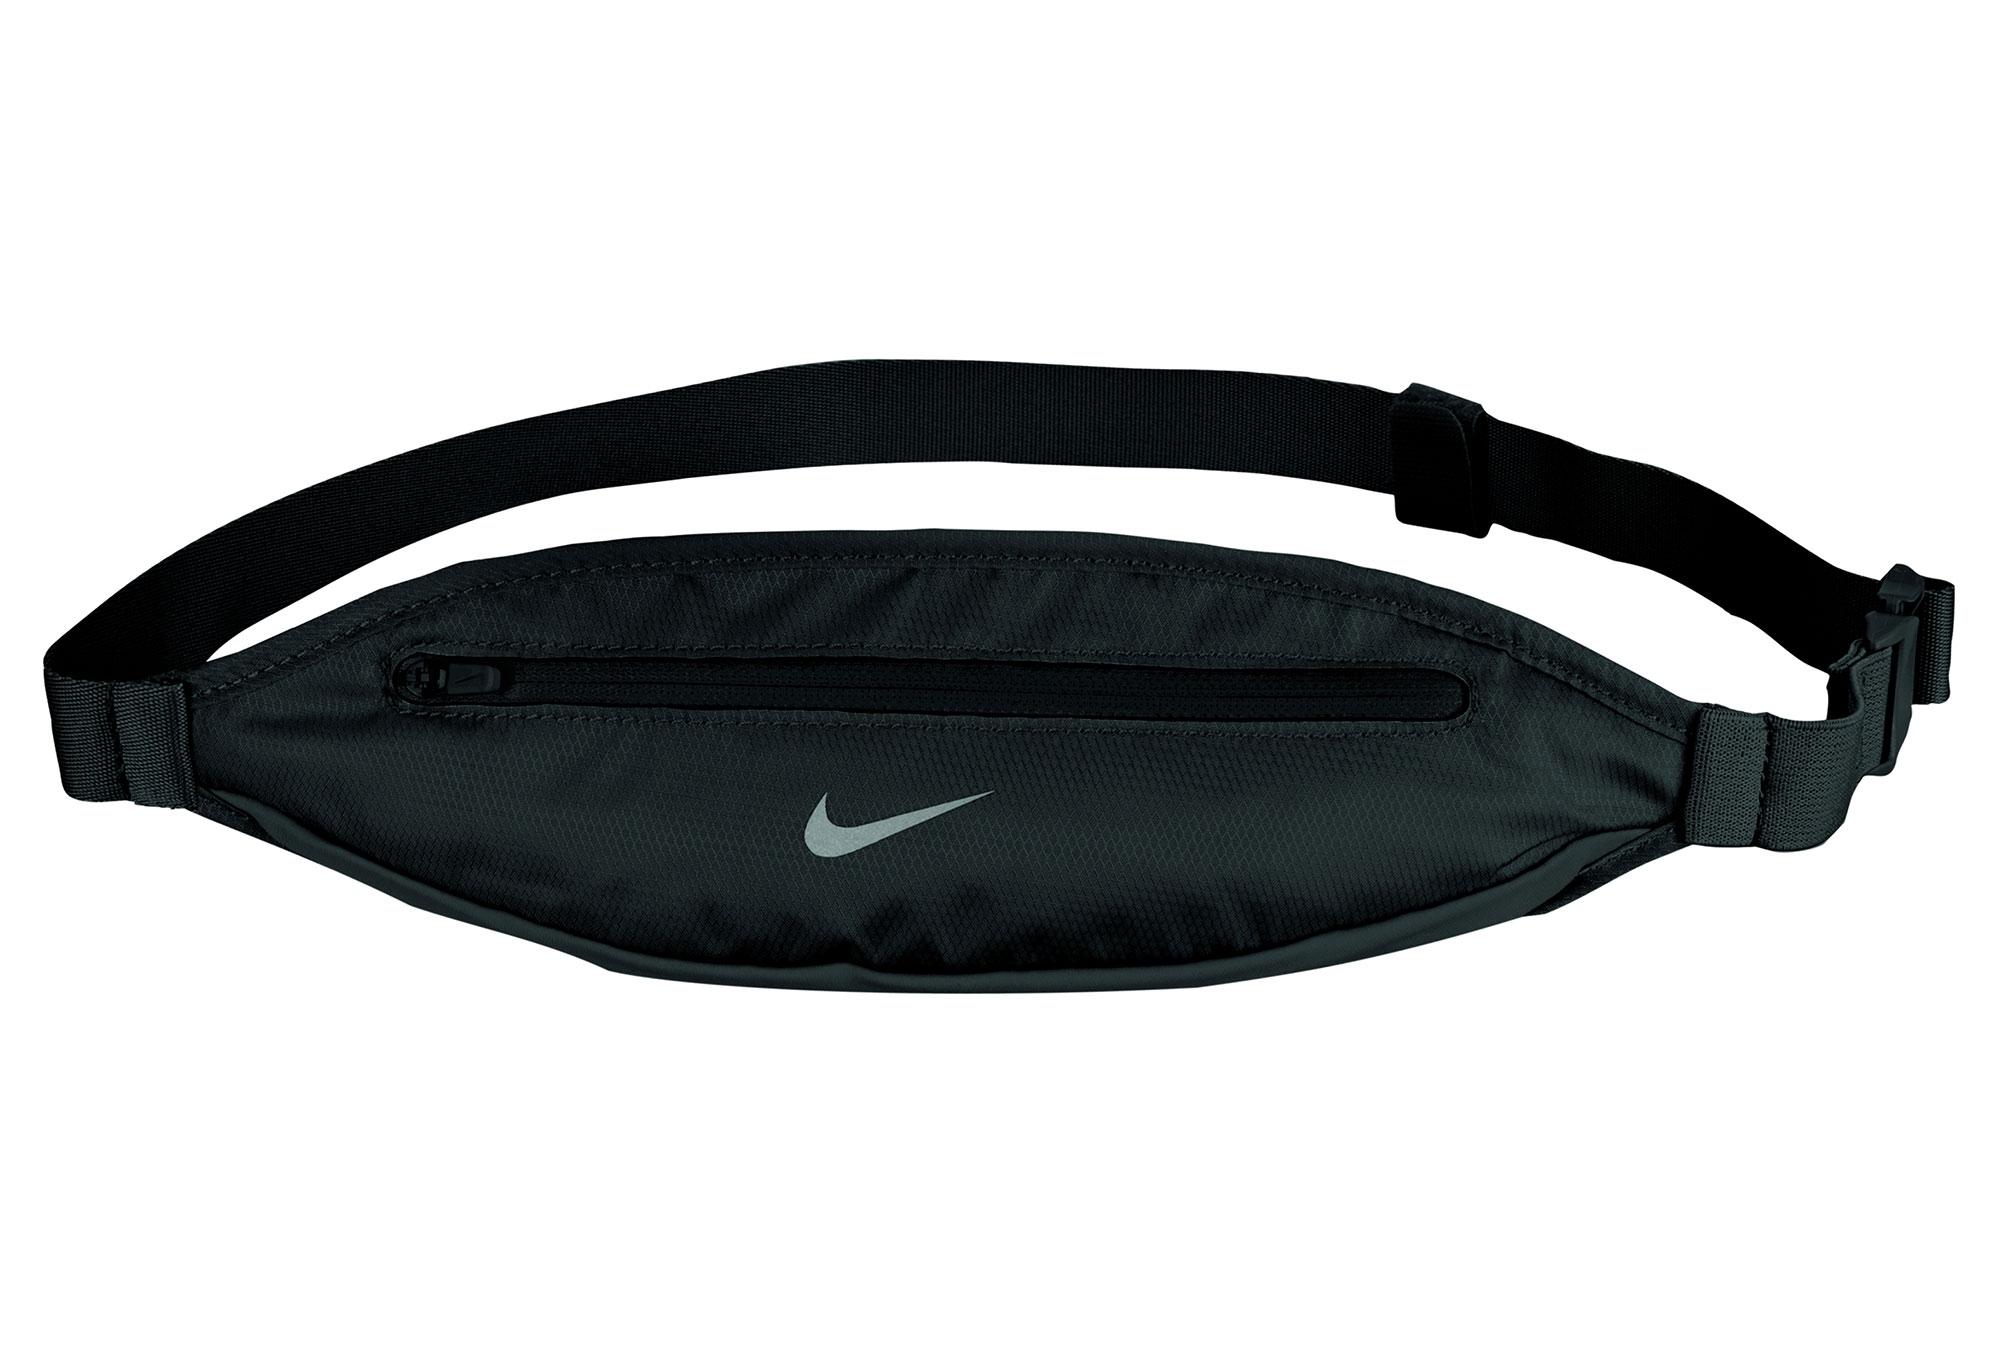 Capacidad De Nike Bolso Negro Cintura Pequeño YeDWEH92I